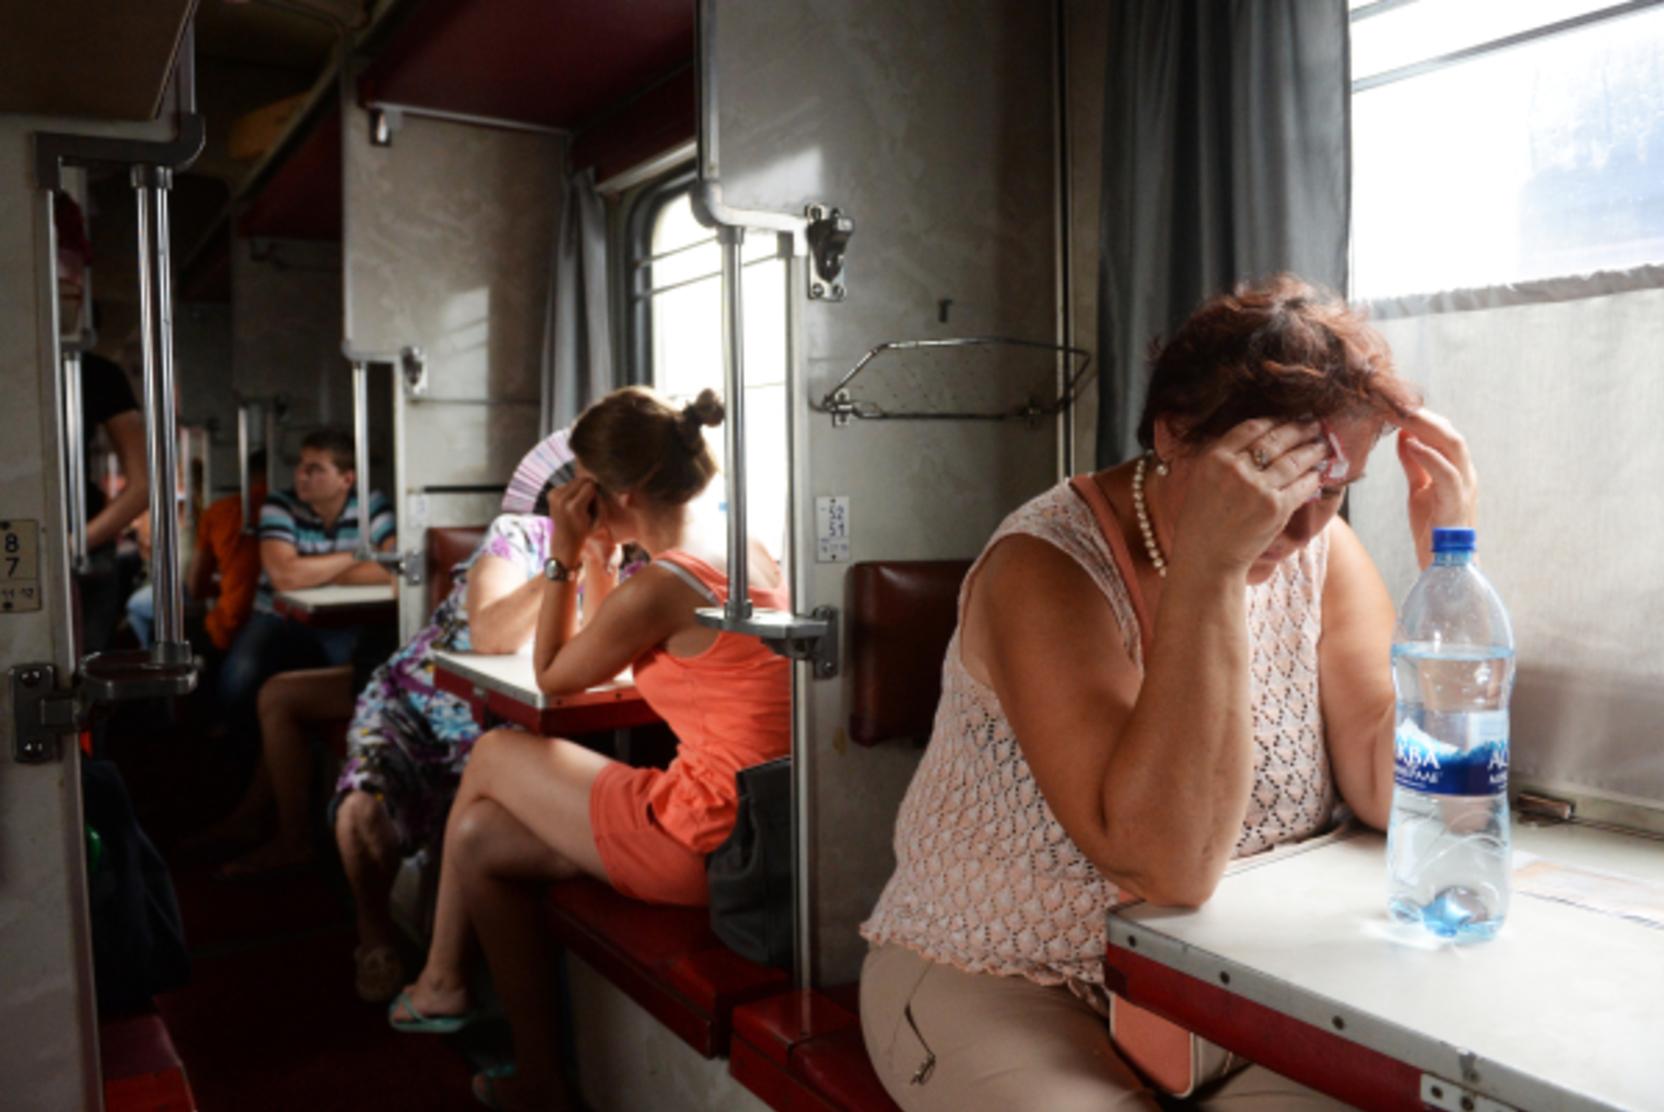 Новости за ночь: В России предложили запретить алкоголь в вагонах-ресторанах